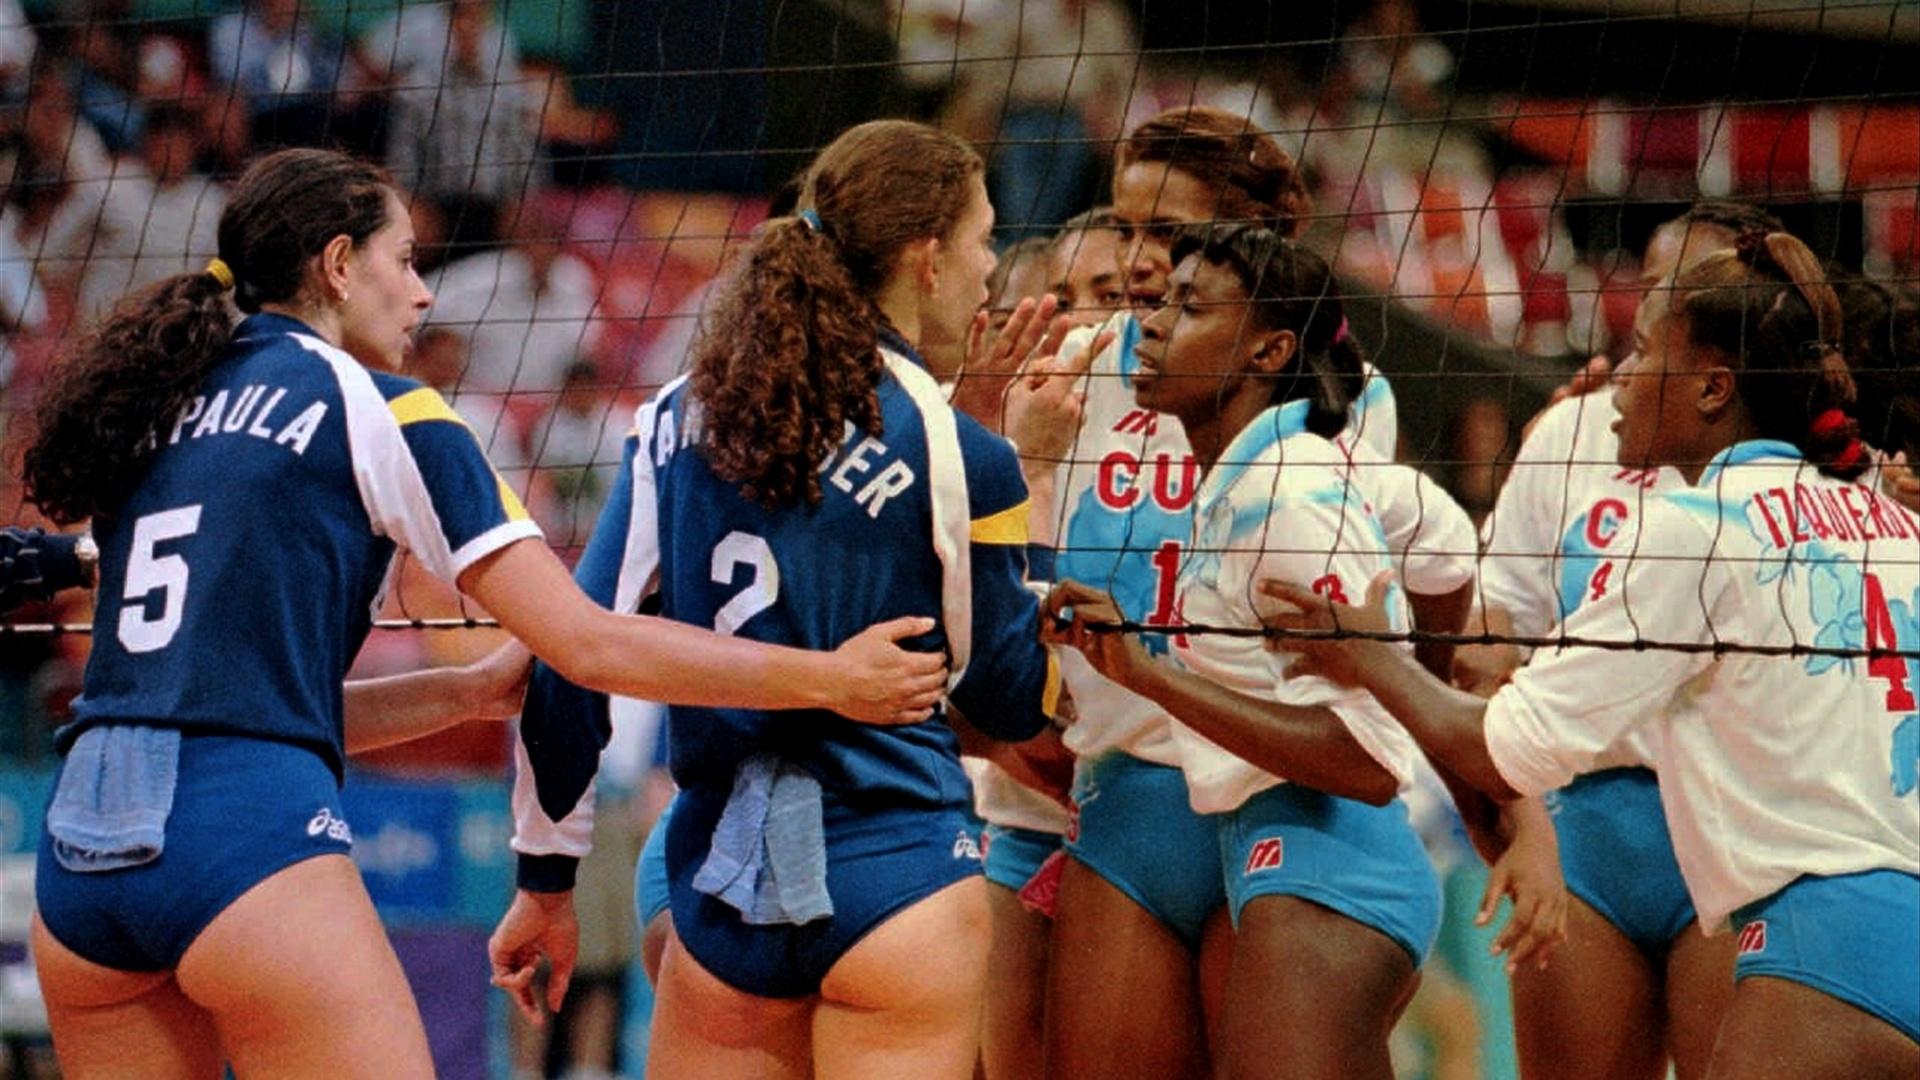 Filme mostra os desafio das atletas do Brasil na conquista do bronze nos Jogos Olímpicos de Atlanta em 1996